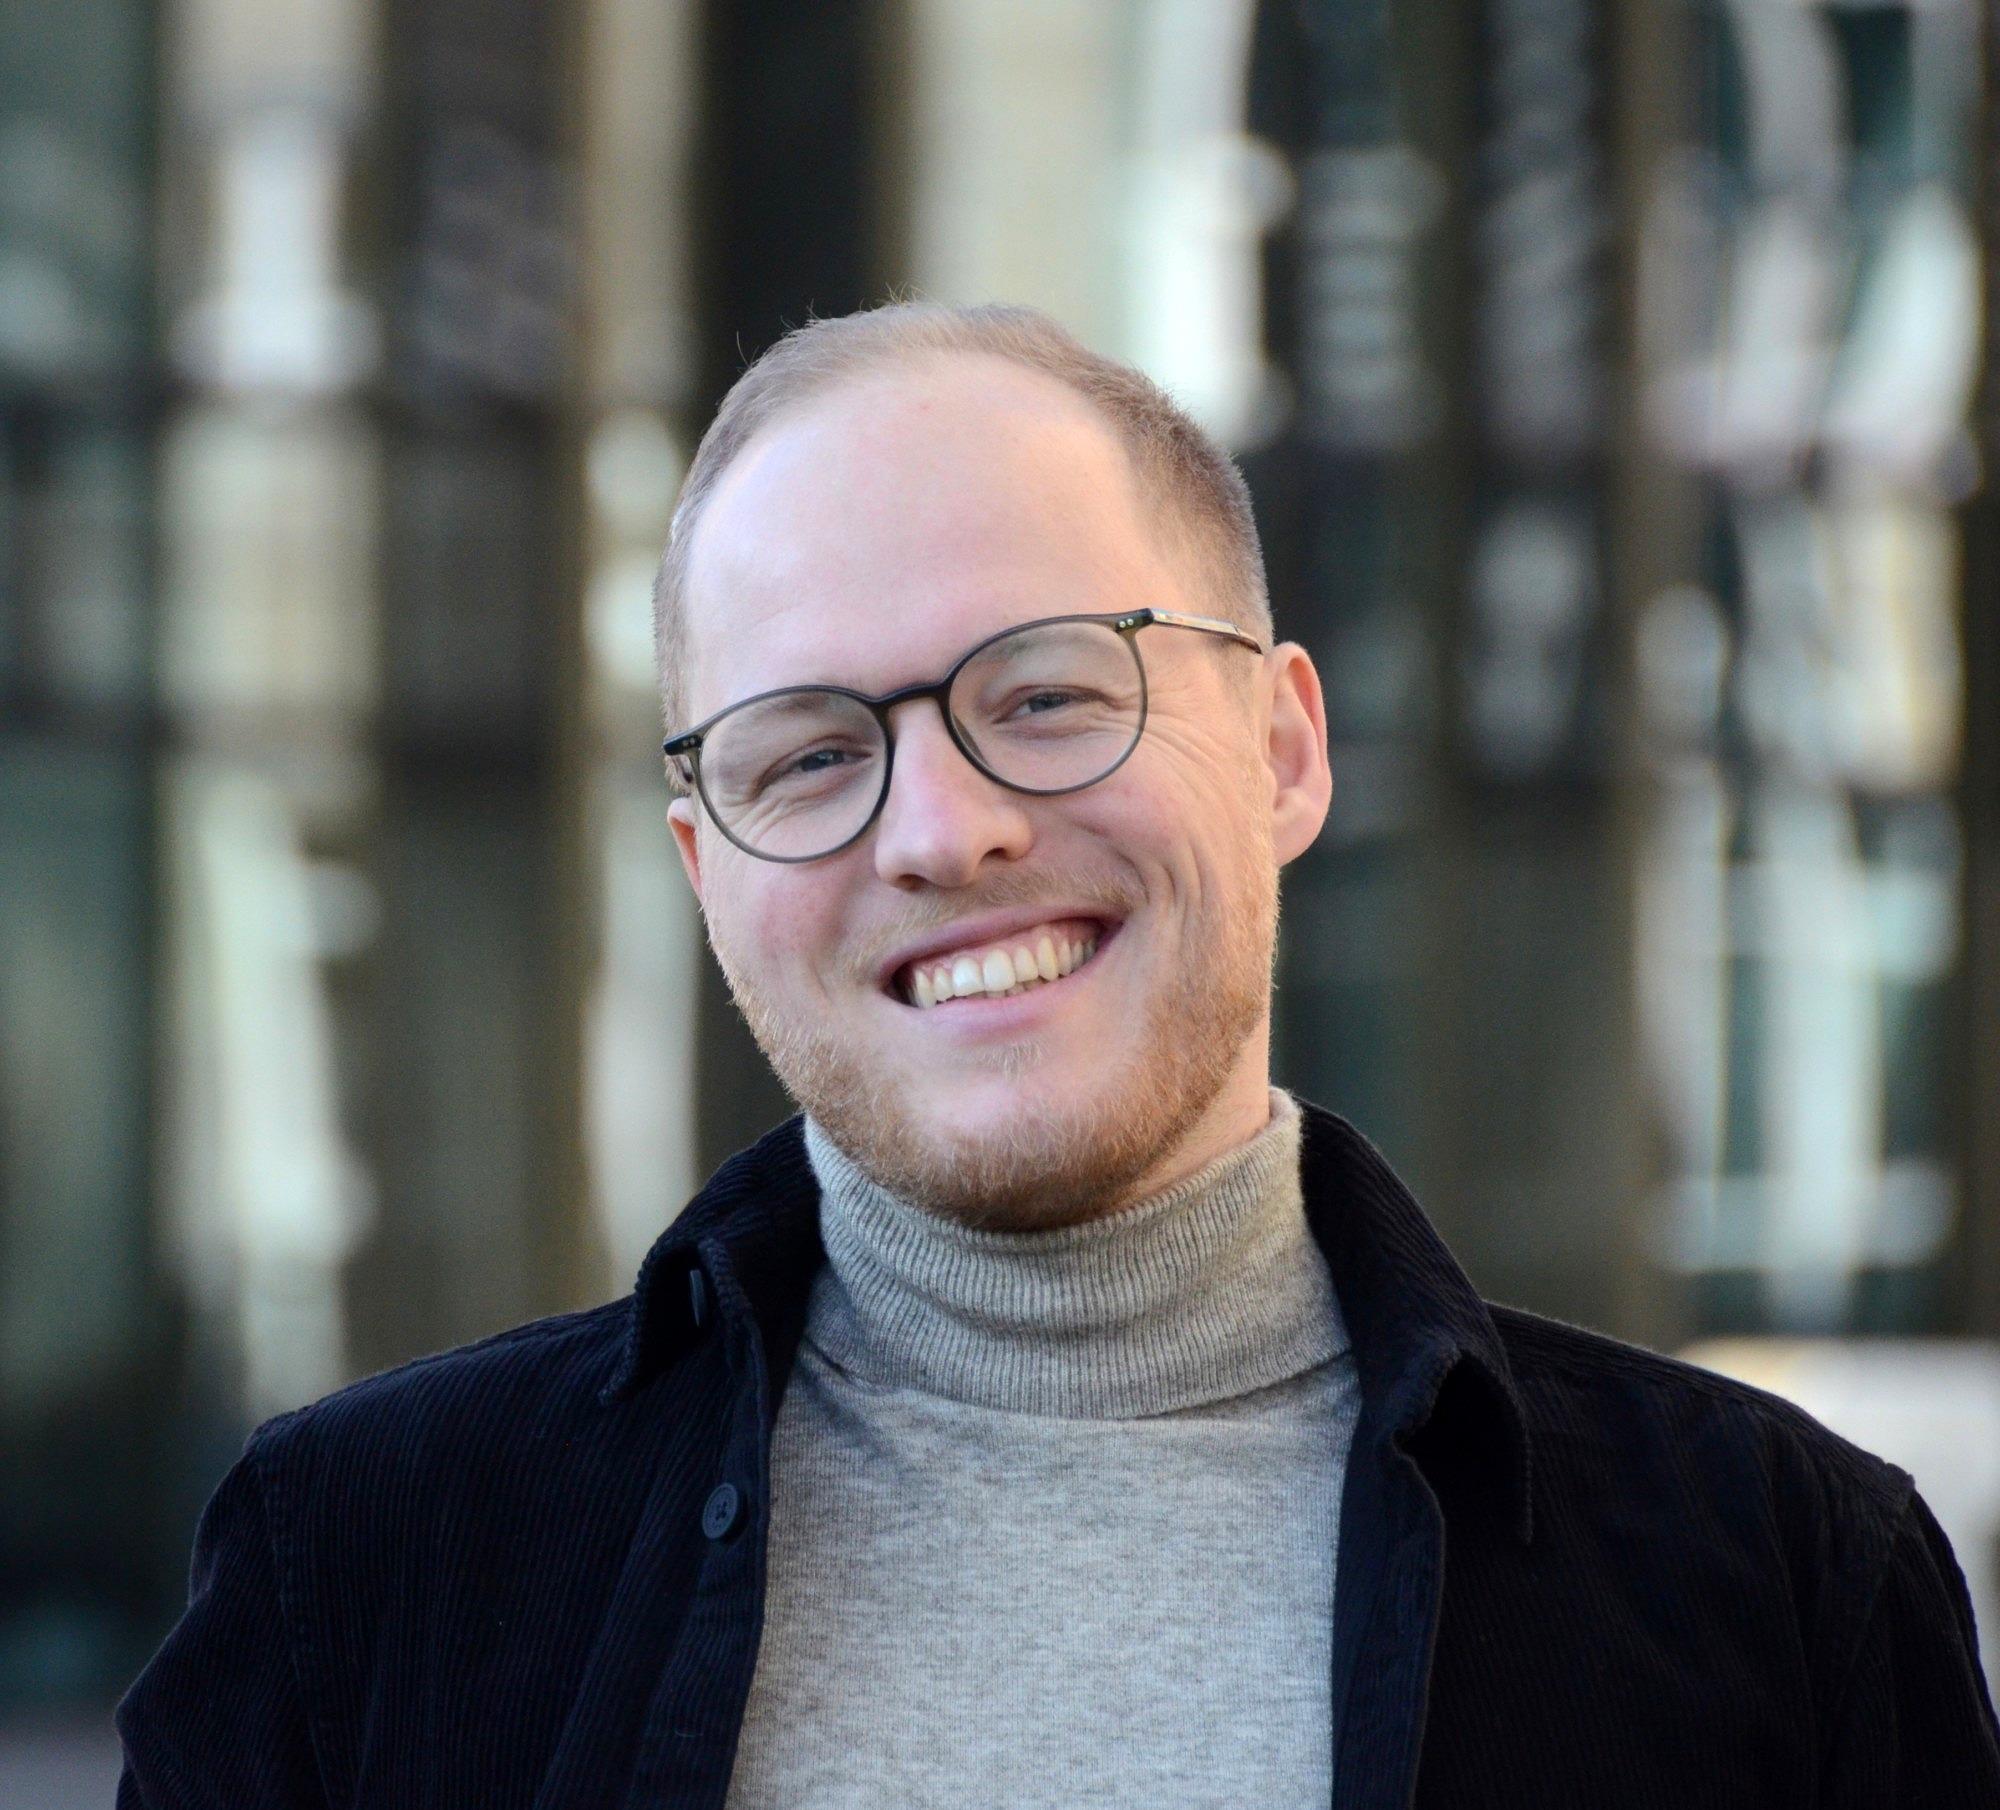 Moritz Renner